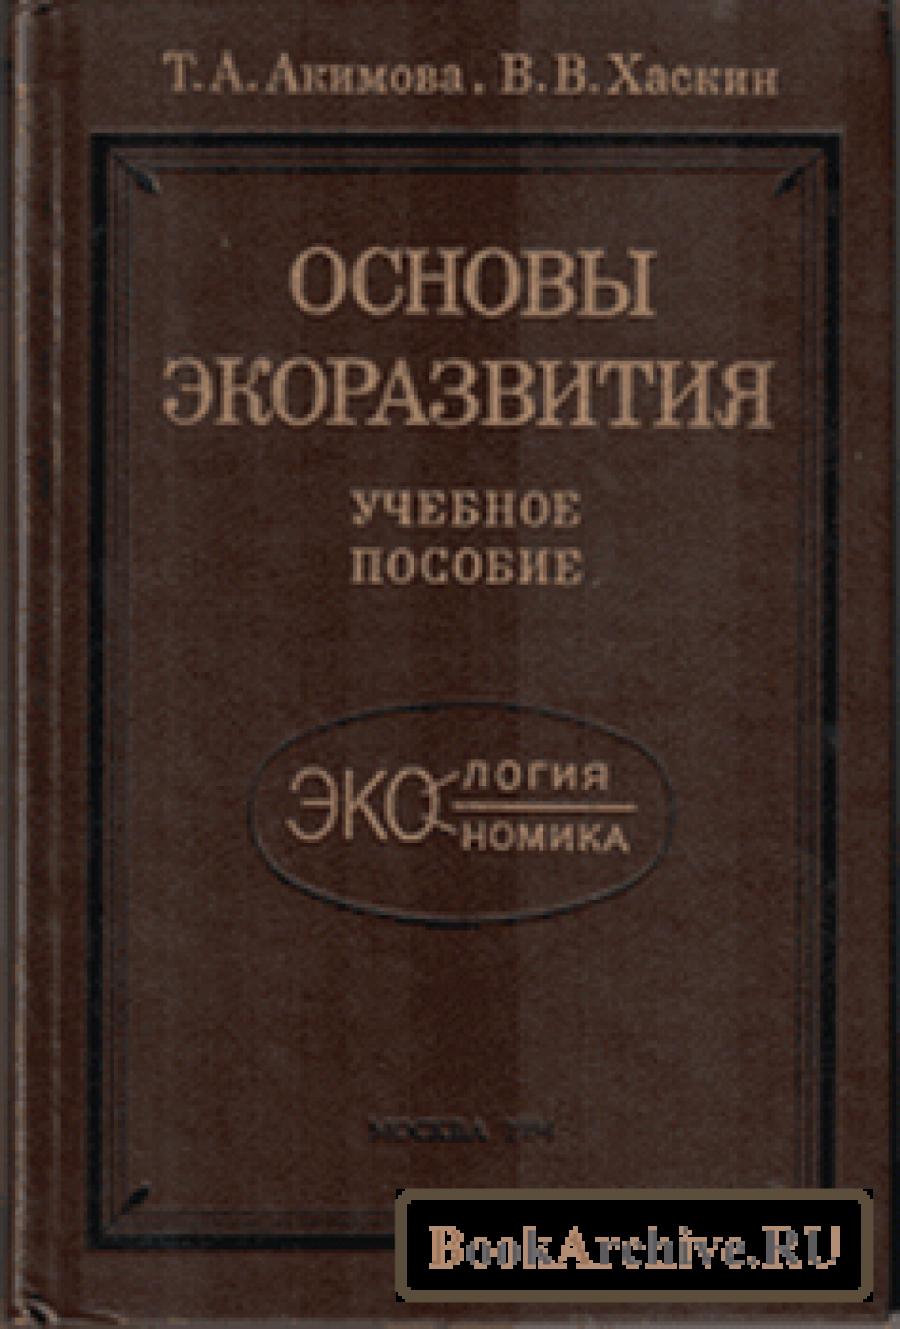 Обложка книги:  акимова т. а. , хаскин в. в. - основы экоразвития. учебное пособие